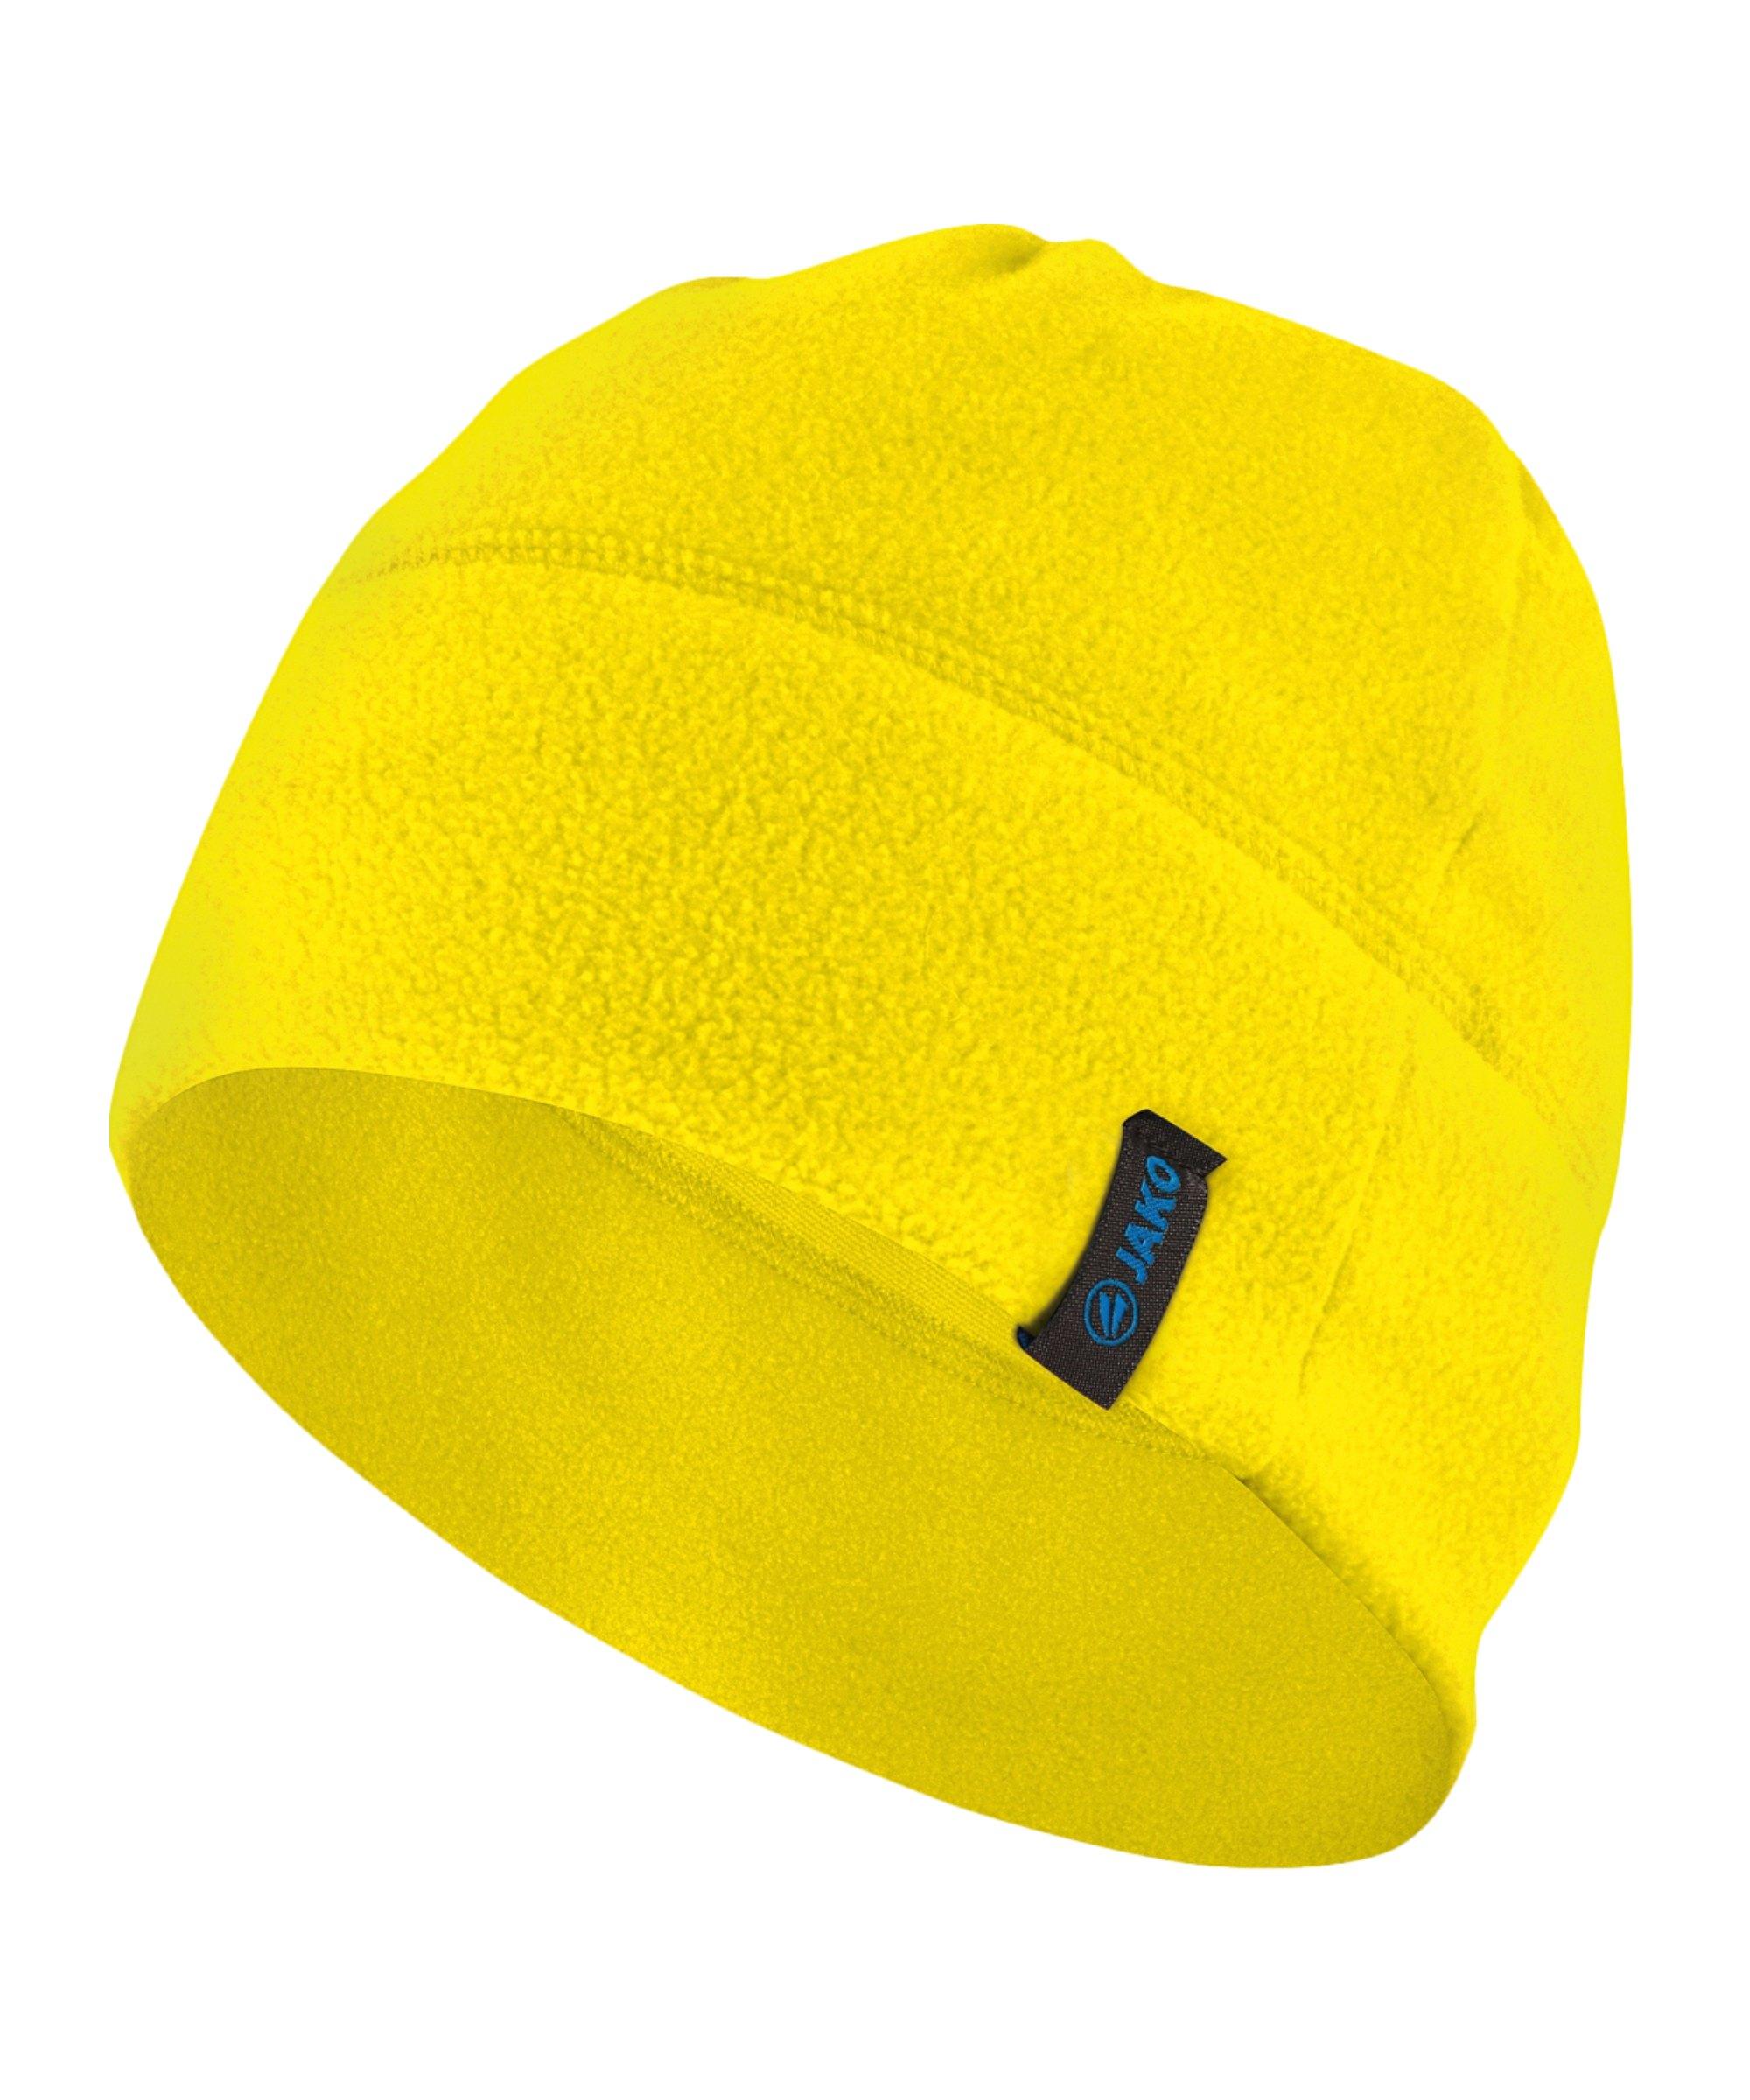 Jako Fleecemütze Gelb F03 - gelb